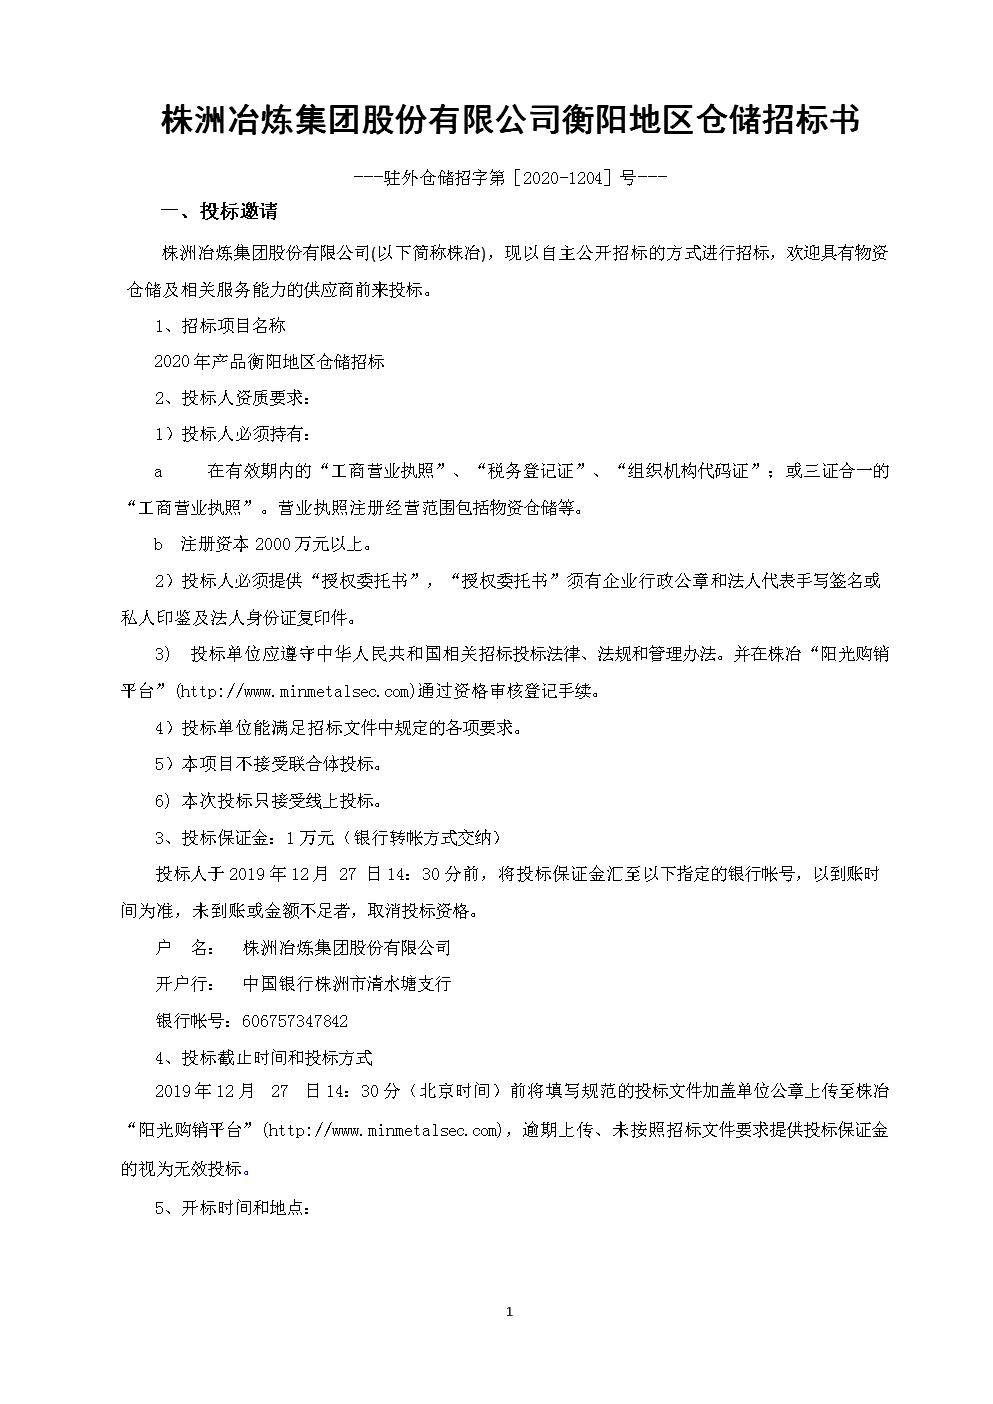 株洲冶炼集团股份有限公司衡阳地区仓储招标书.doc